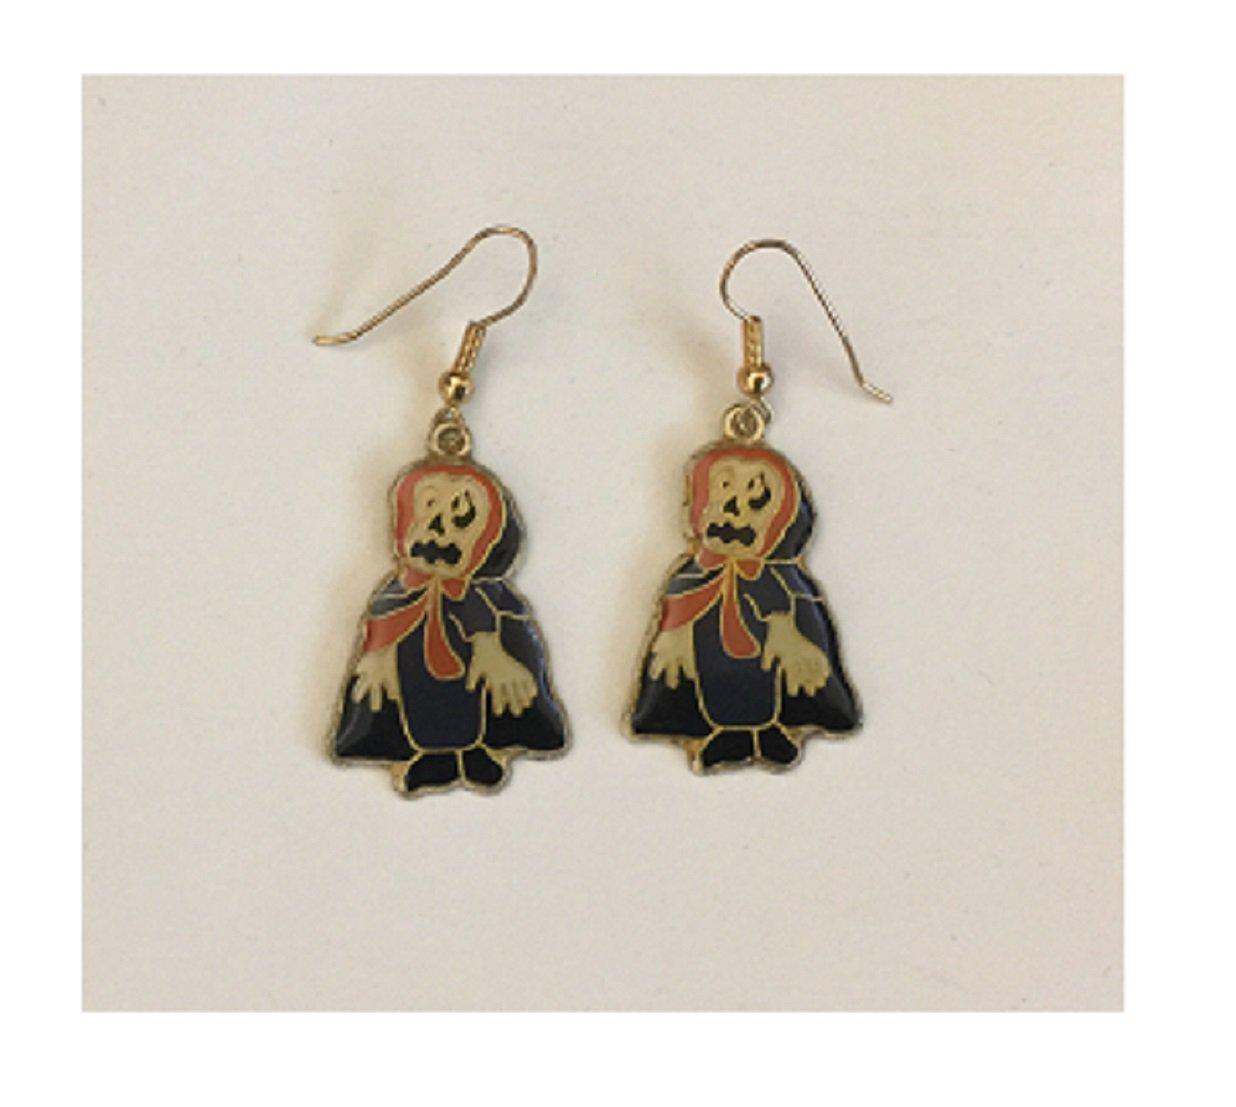 Vintage Scary Halloween Metal & Enamel Fish Hook Earrings